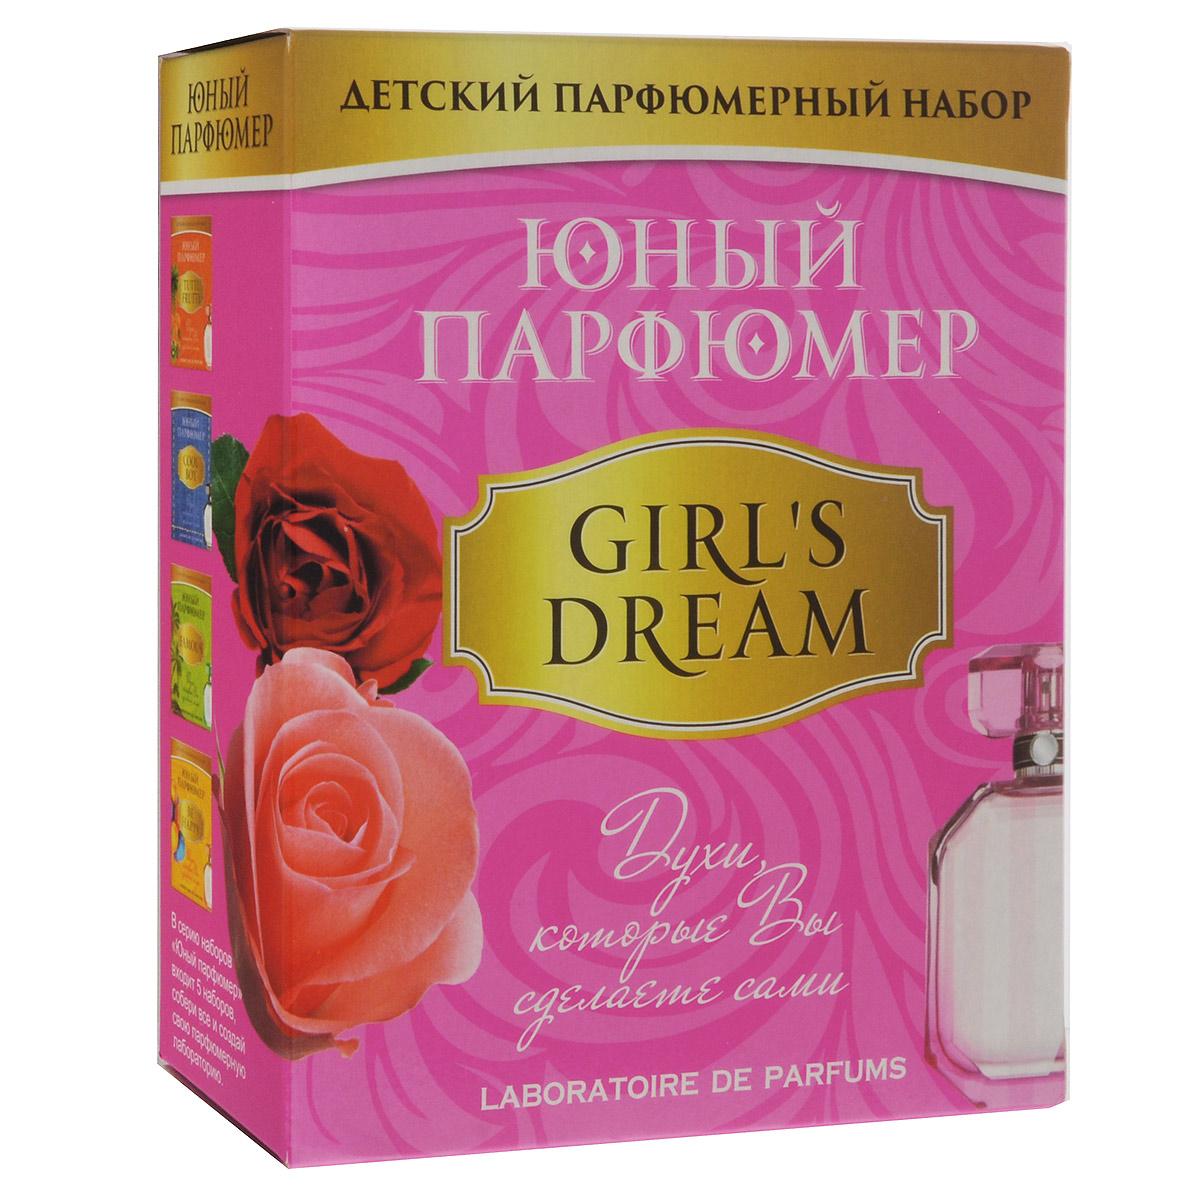 Набор для создания духов Master IQ2 Юный парфюмер. Girls Dream326Набор для создания духов Юный парфюмер. Girls Dream позволит ребенку самостоятельно создать свои собственные духи для неповторимого образа. Набор представляет собой настоящую лабораторию, в которой можно изучить историю парфюмерии, узнать базовые принципы создания духов, а главное - поэкспериментировать с составлением собственных парфюмерных композиций. С помощью данного набора ребенок сможет создать сам три вида классических французских духов. Комплект включает все необходимое для создания своего парфюмерного образа и более 10 сочетаний ароматов: основа духов, парфюмерные масла ванили, розы и пачули, стеклянная пробирка, пипетки Пастера, флакон, полоски-тестеры. Также в наборе красочная инструкция - надежный помощник в освоении парфюмерного искусства.